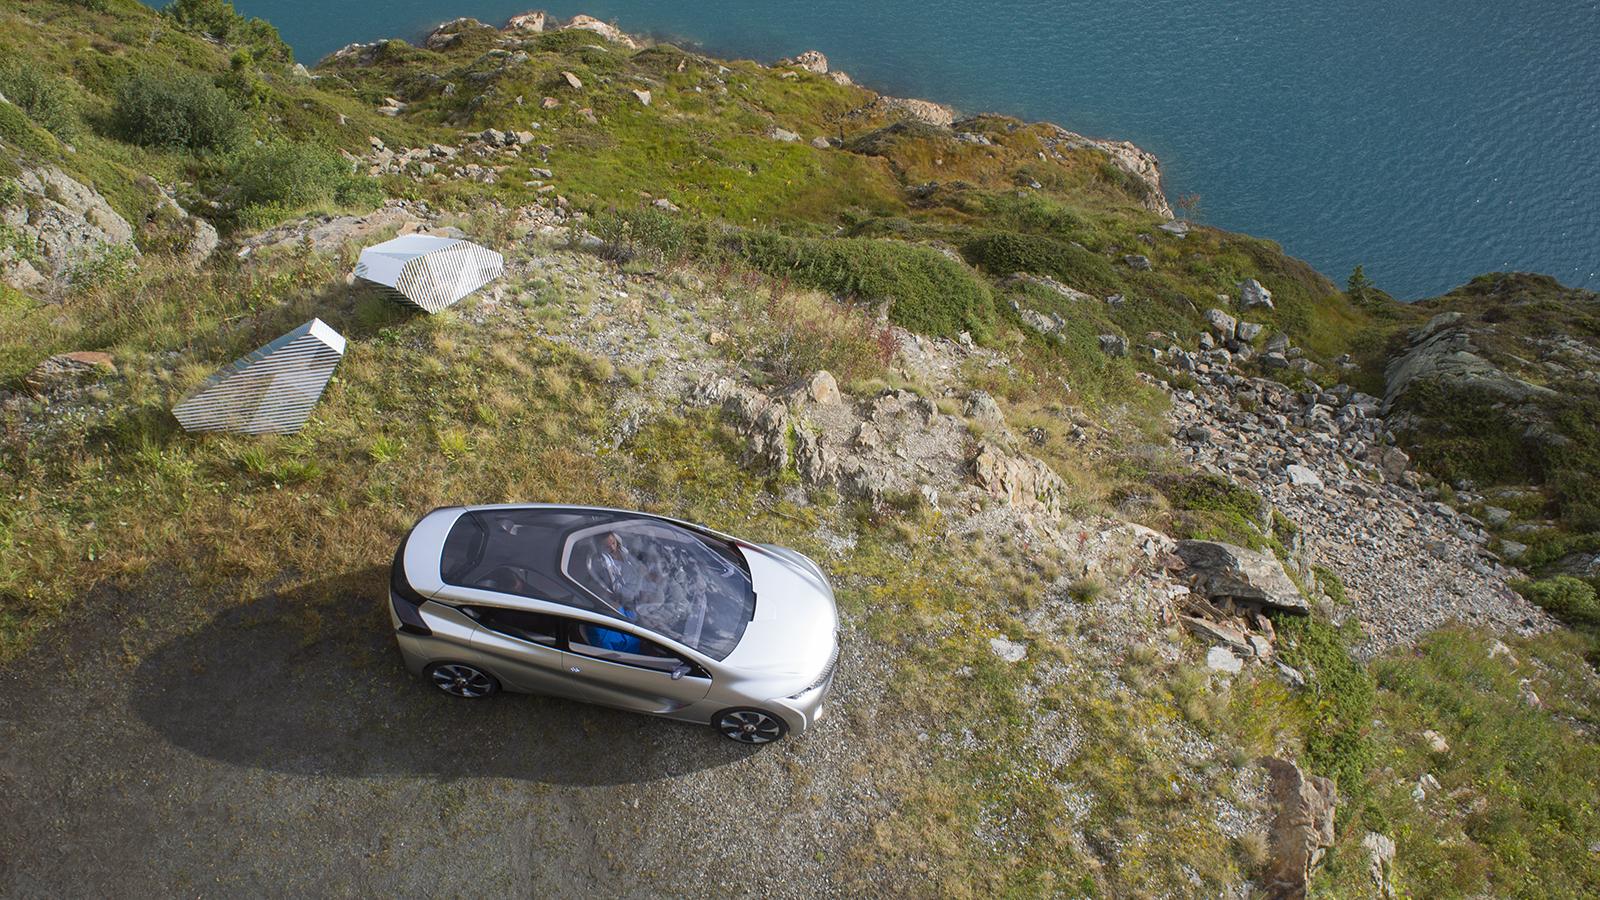 Photographie industrielle et publicitaire. Image aérienne publicitaire. Image aérienne par drone du futur Concept car Renault. © Dronestudio